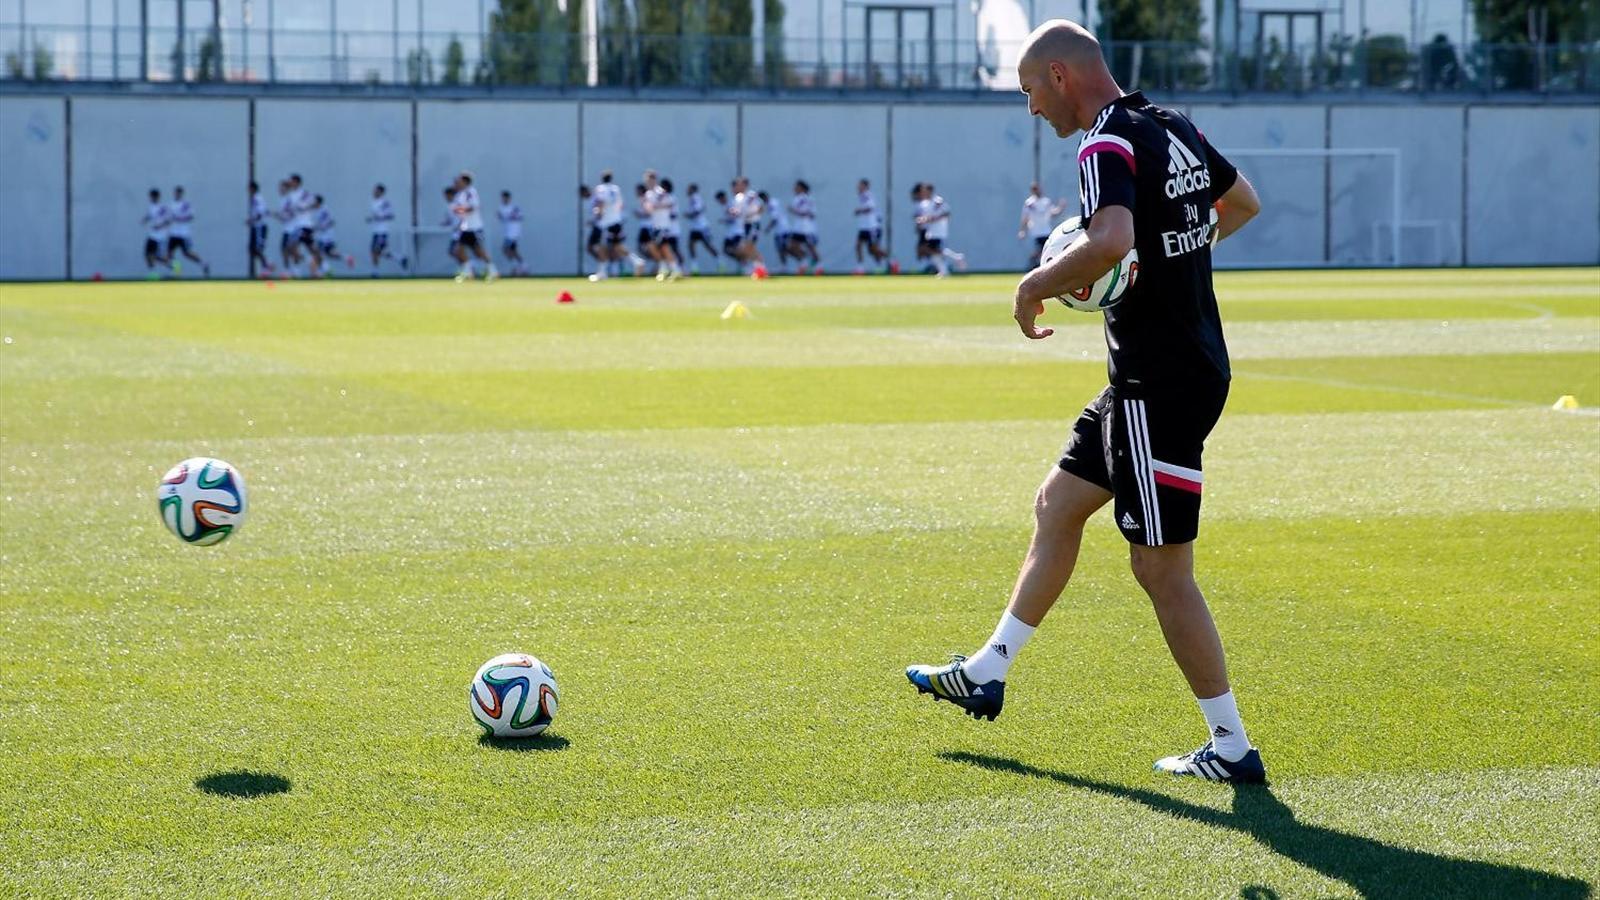 Les premiers pas de Zidane à la tête du Real Madrid Castilla en images